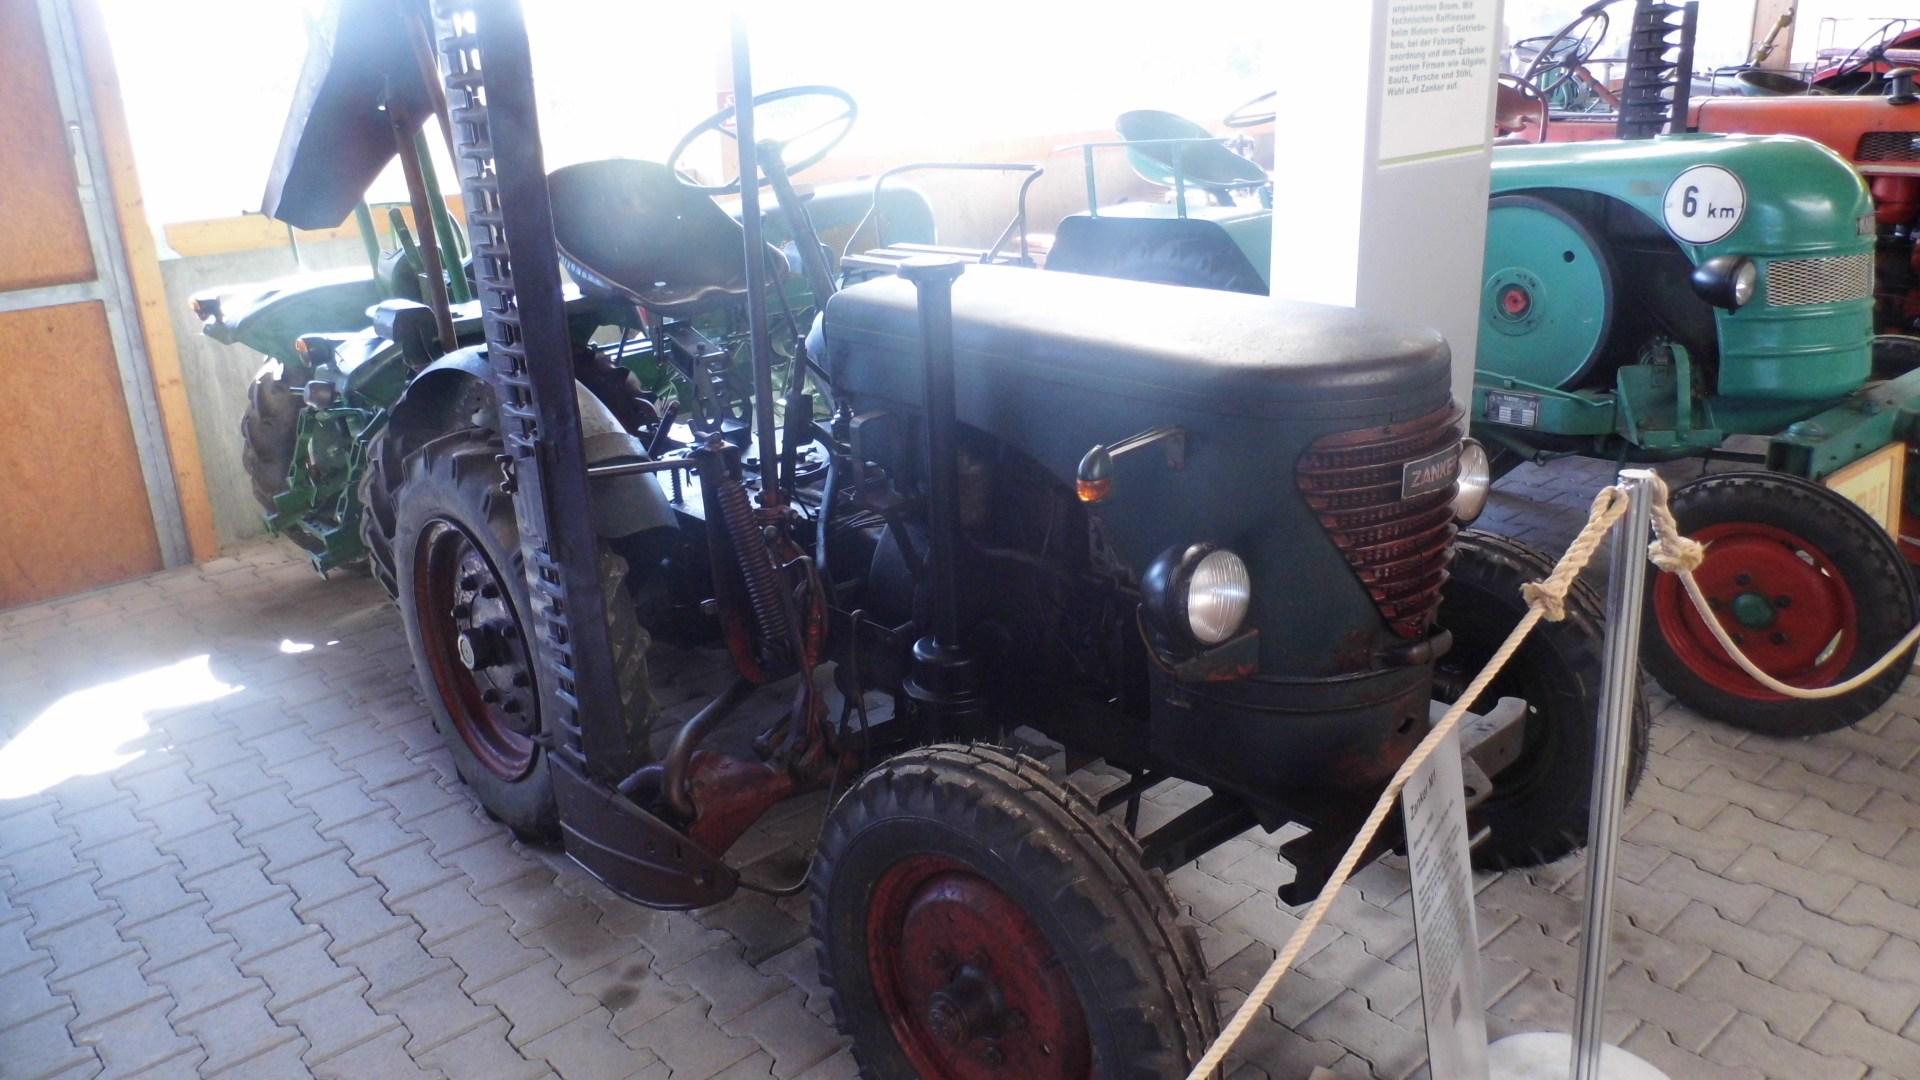 Zanker M1 Baujahr 1949; einziger Schlepper aus dem Hause Zanker